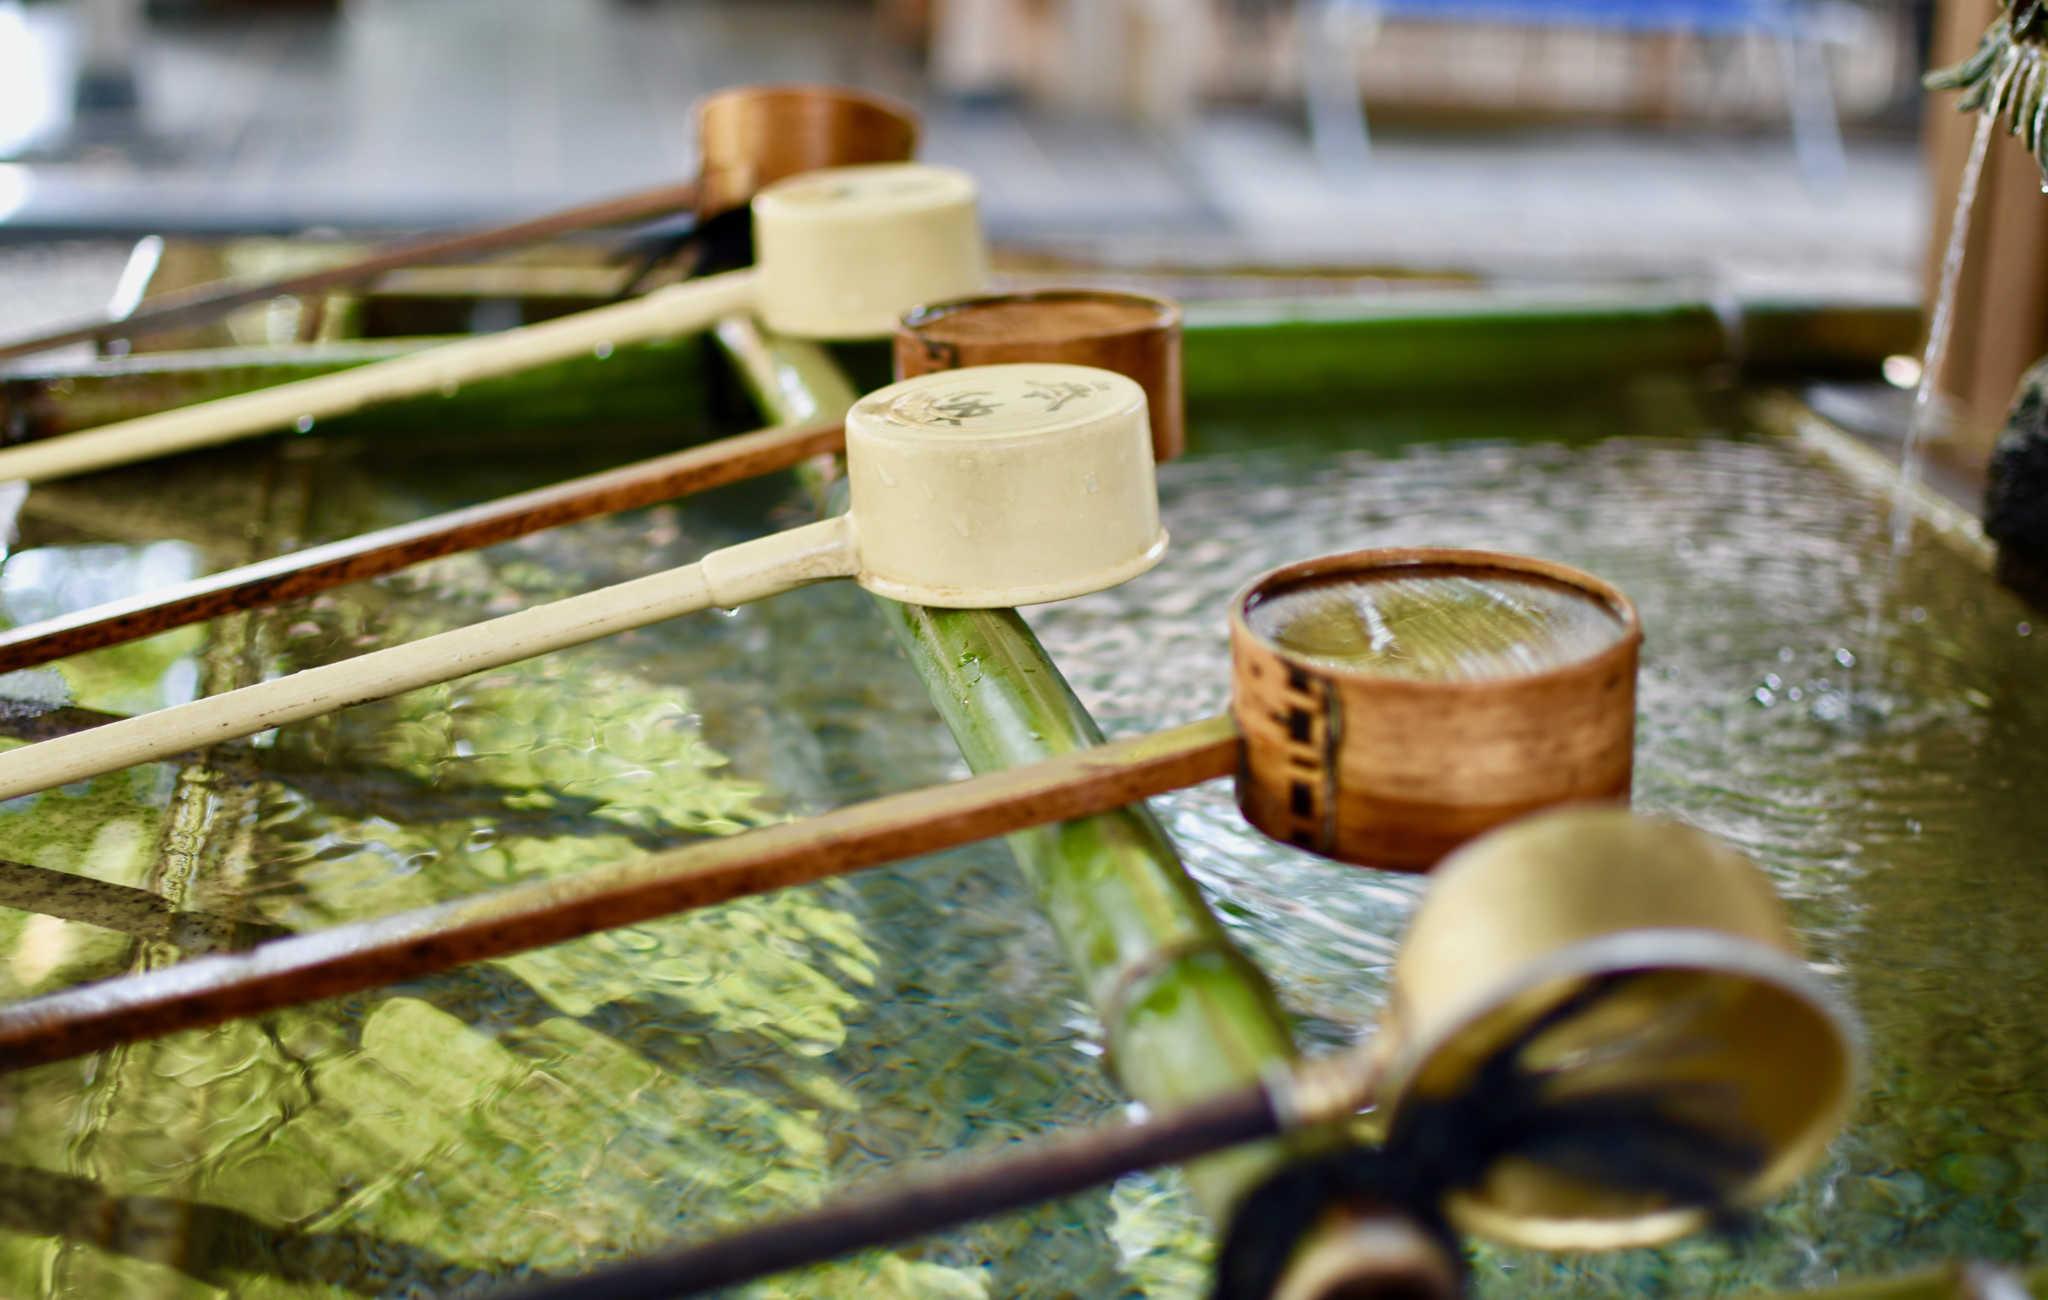 On utilise un Hishaku pour se purifier le corps avec de l'eau